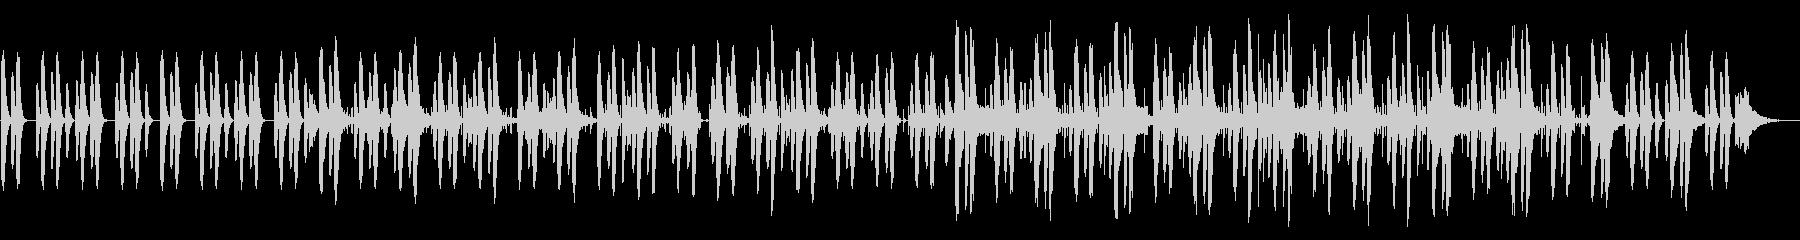 ゆったりほのぼのサウンドの未再生の波形